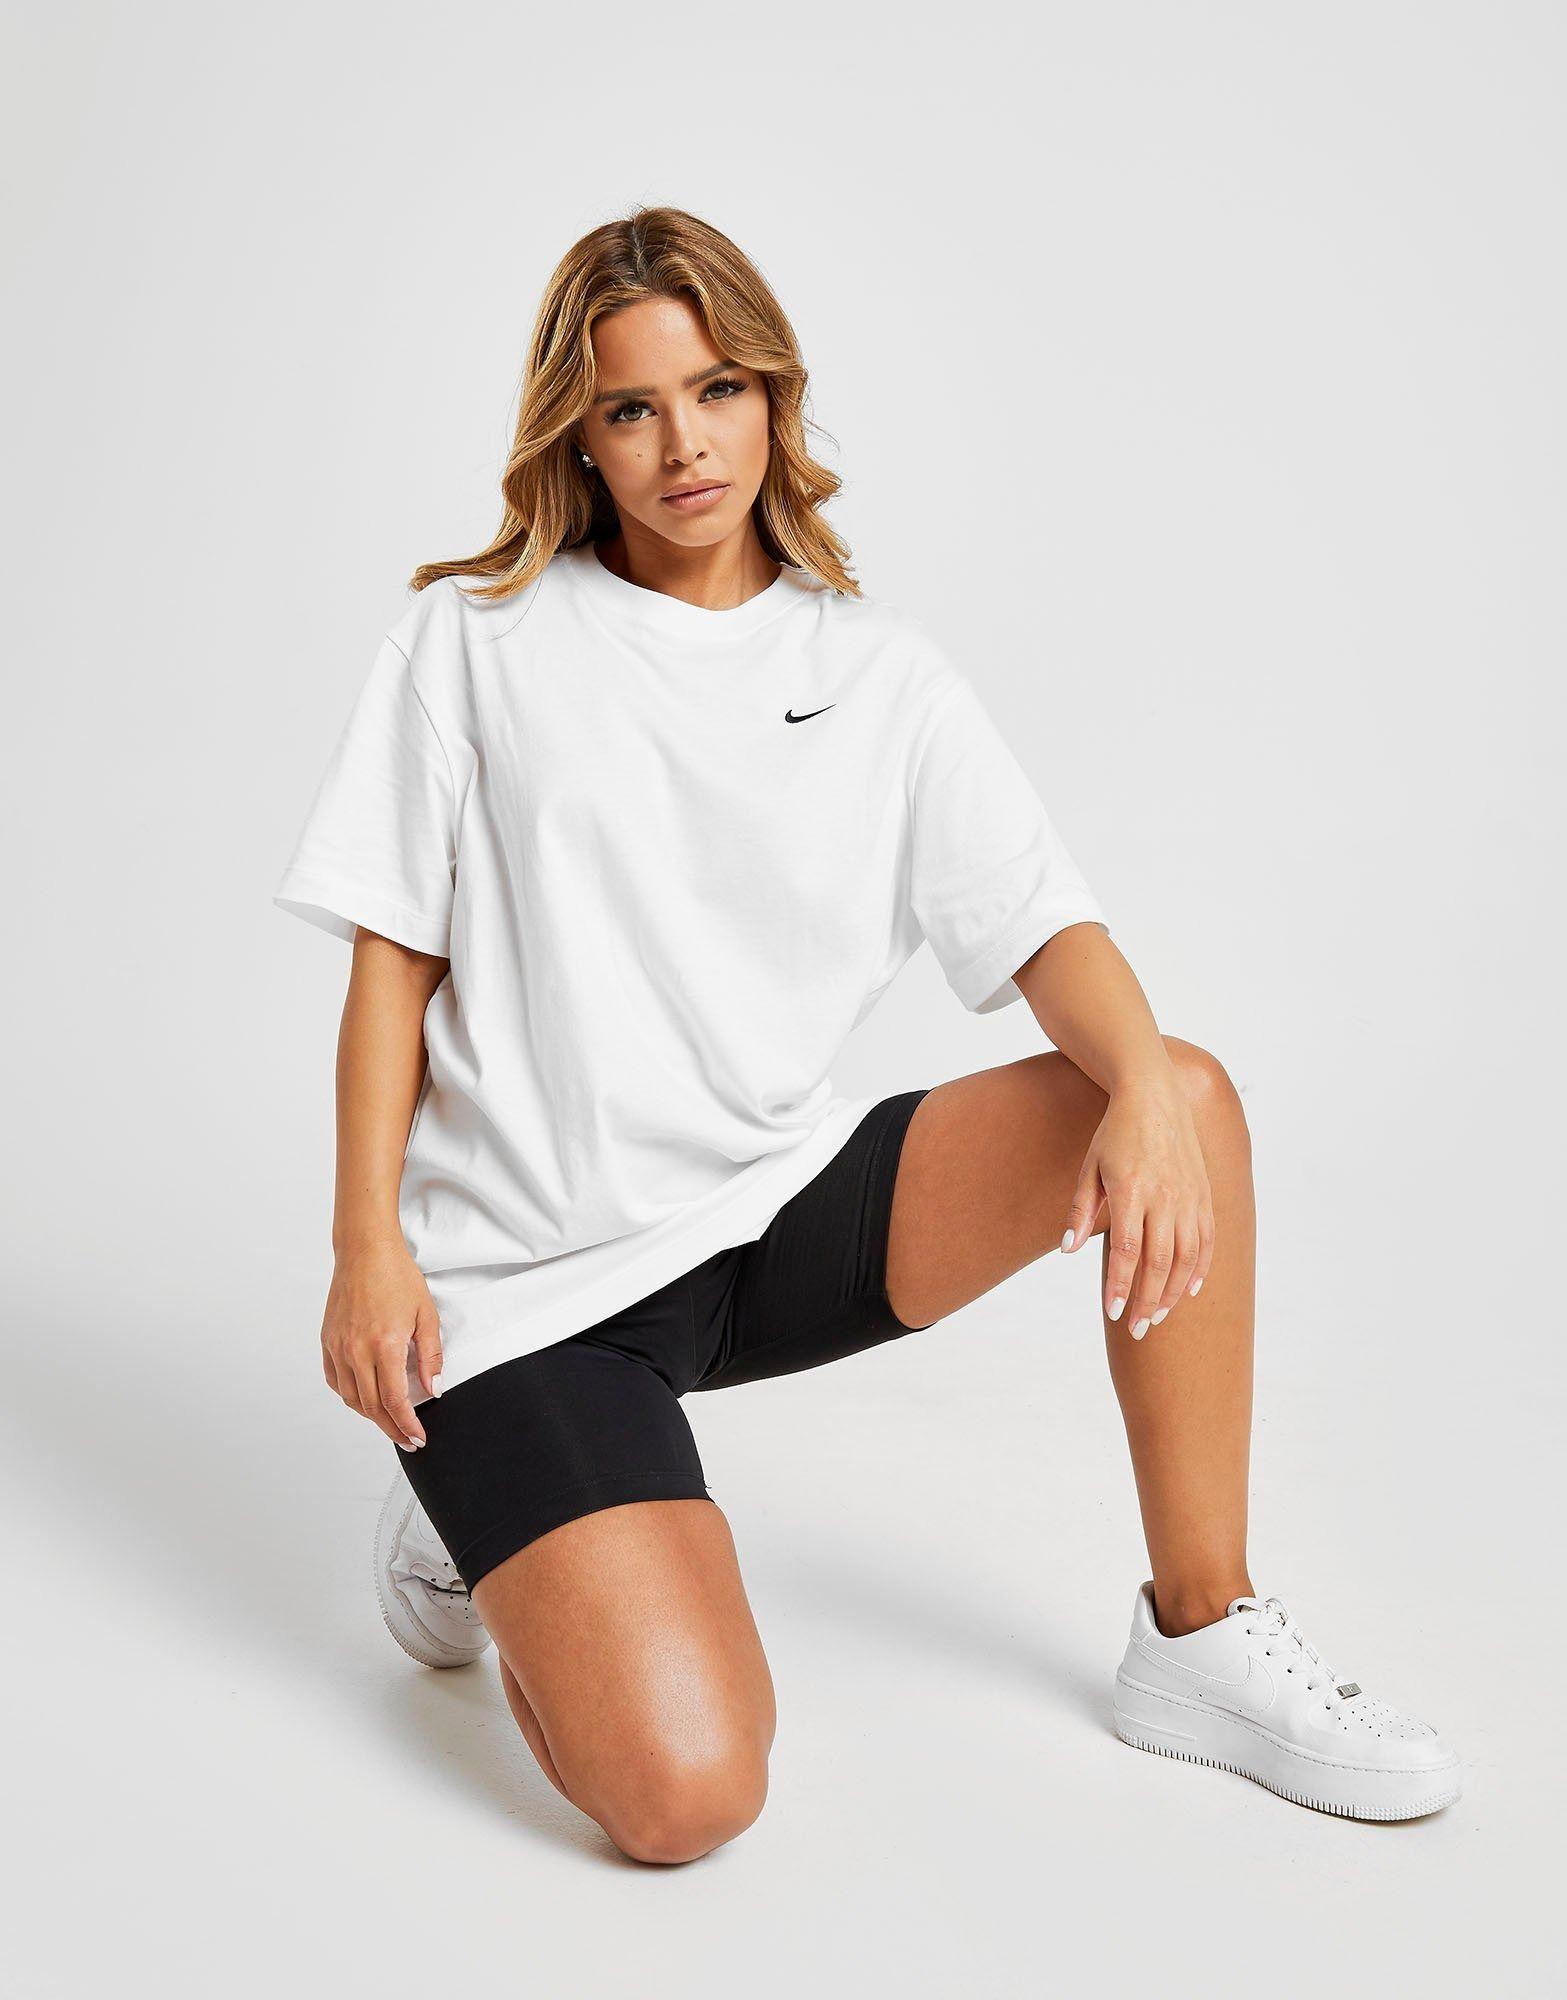 Épinglé sur Sporty outfits